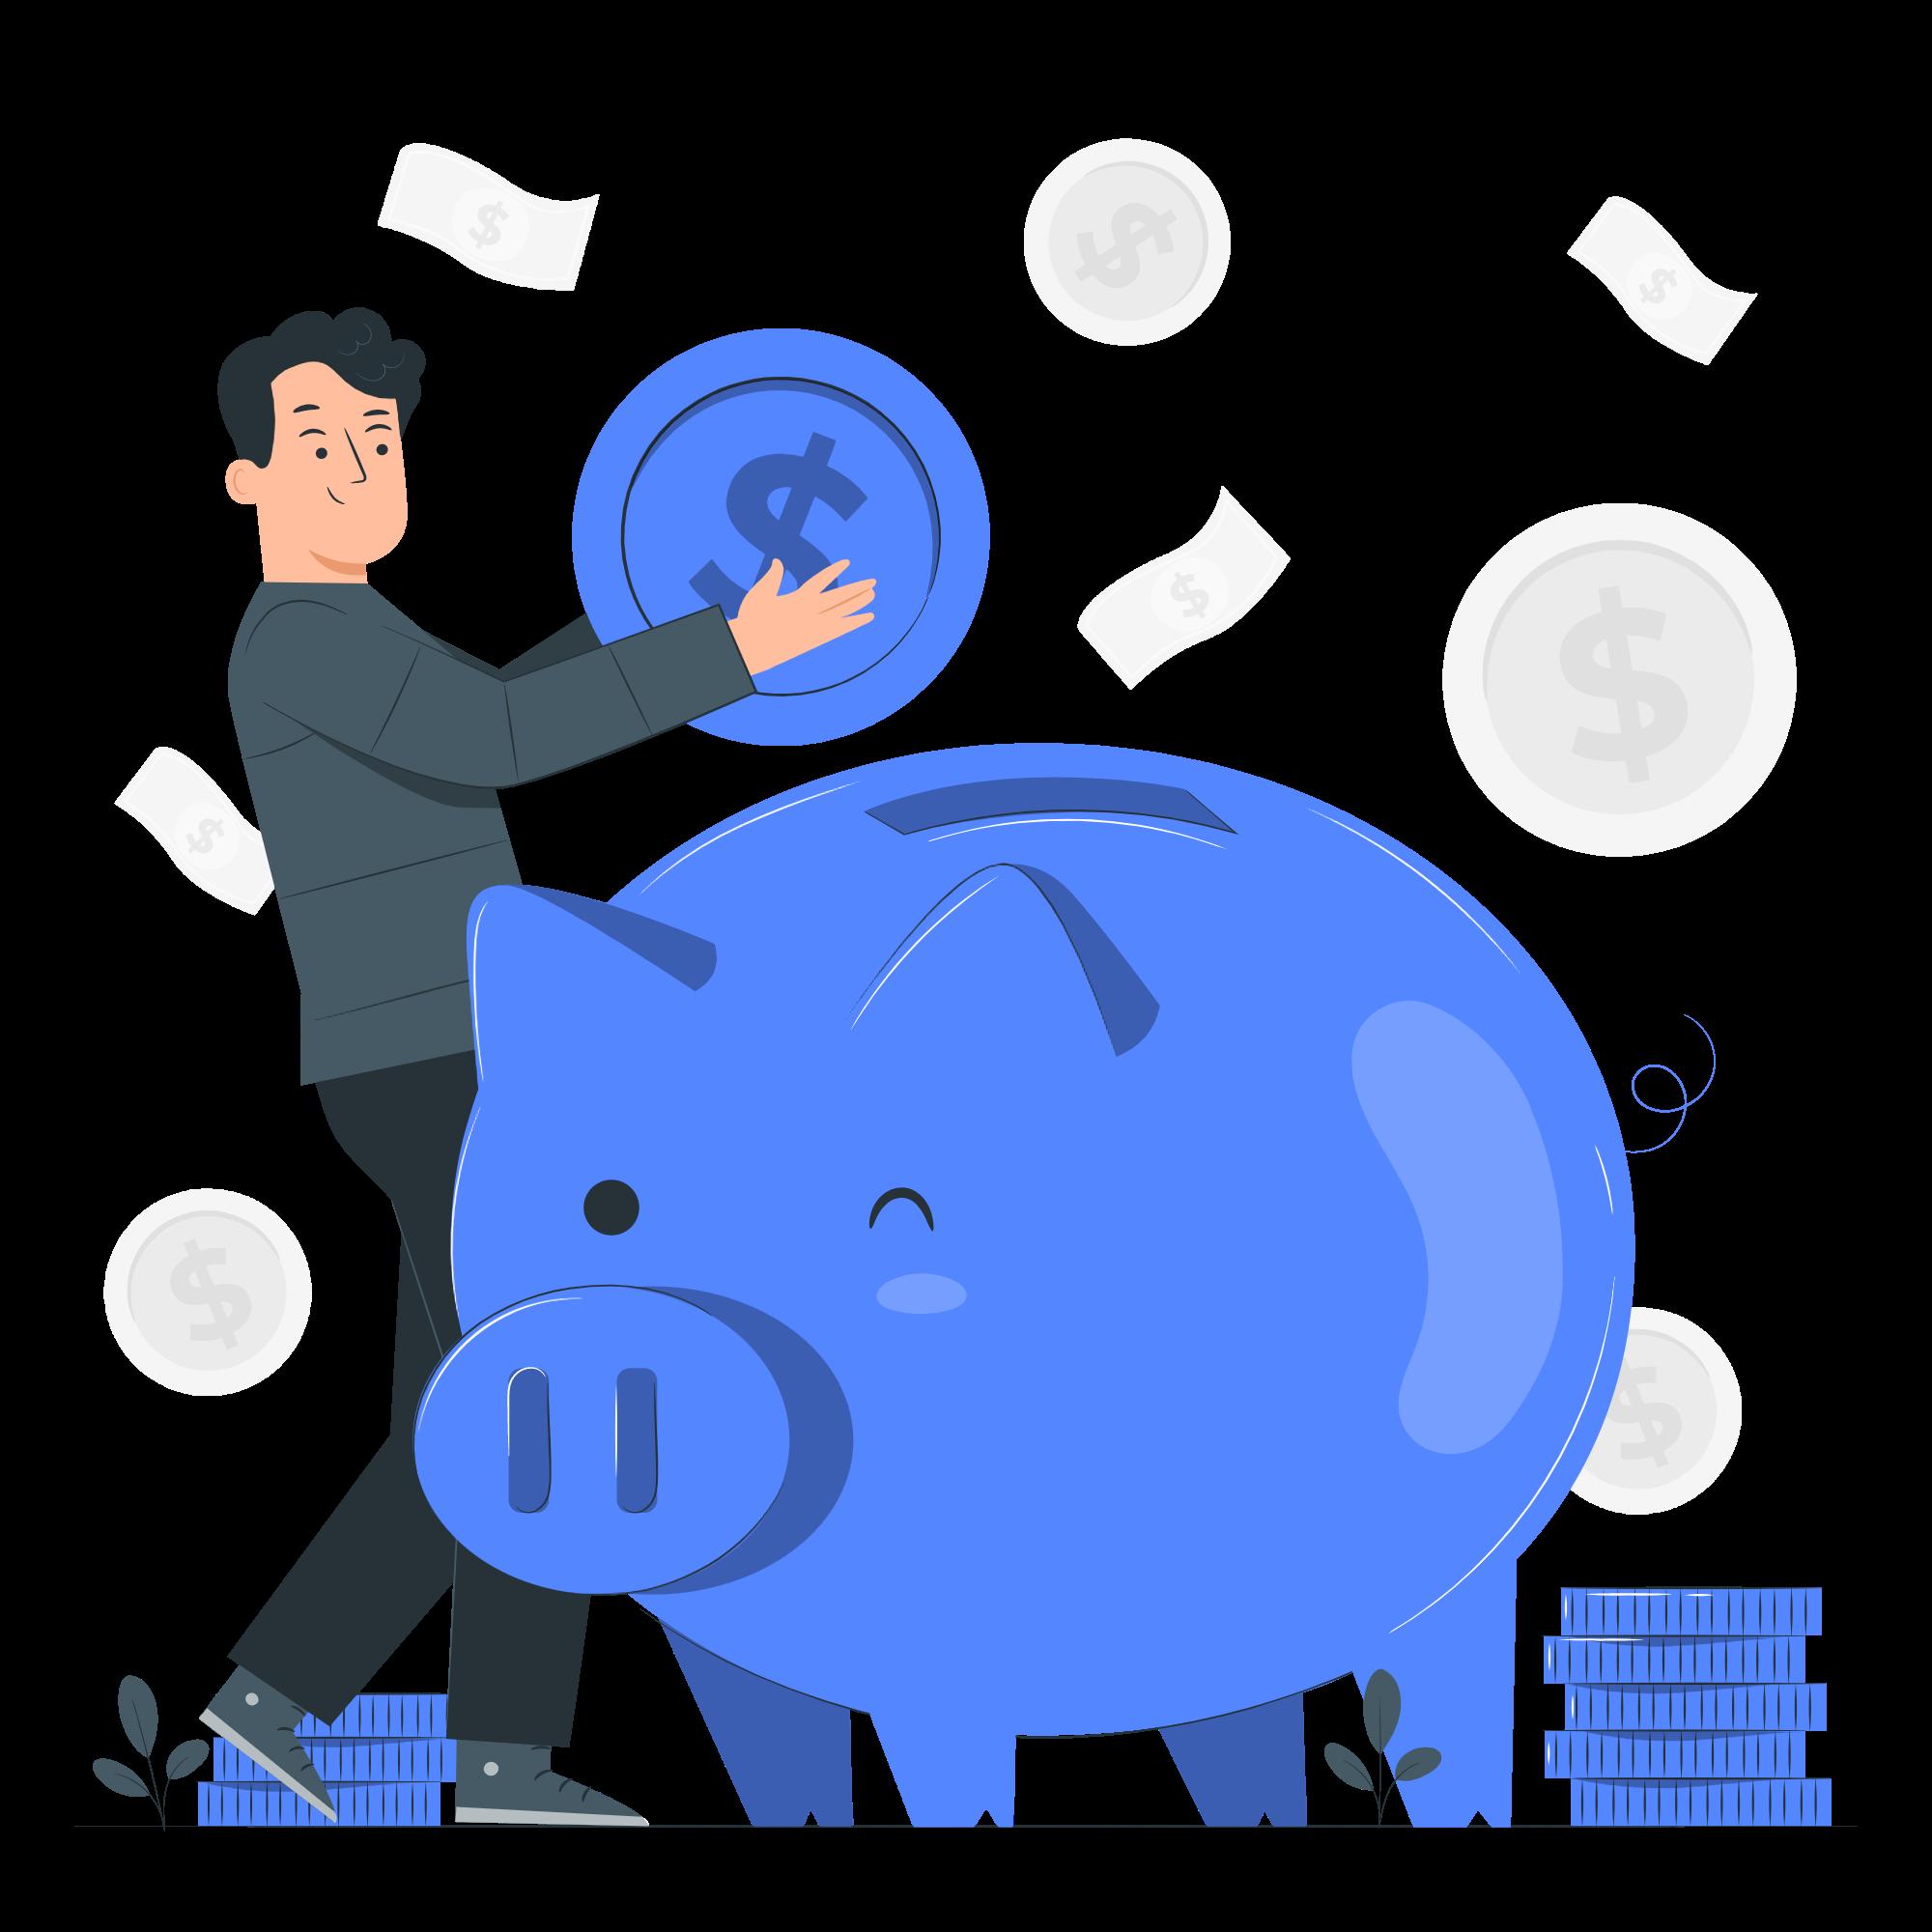 ¿Cómo puede ahorrar una empresa?